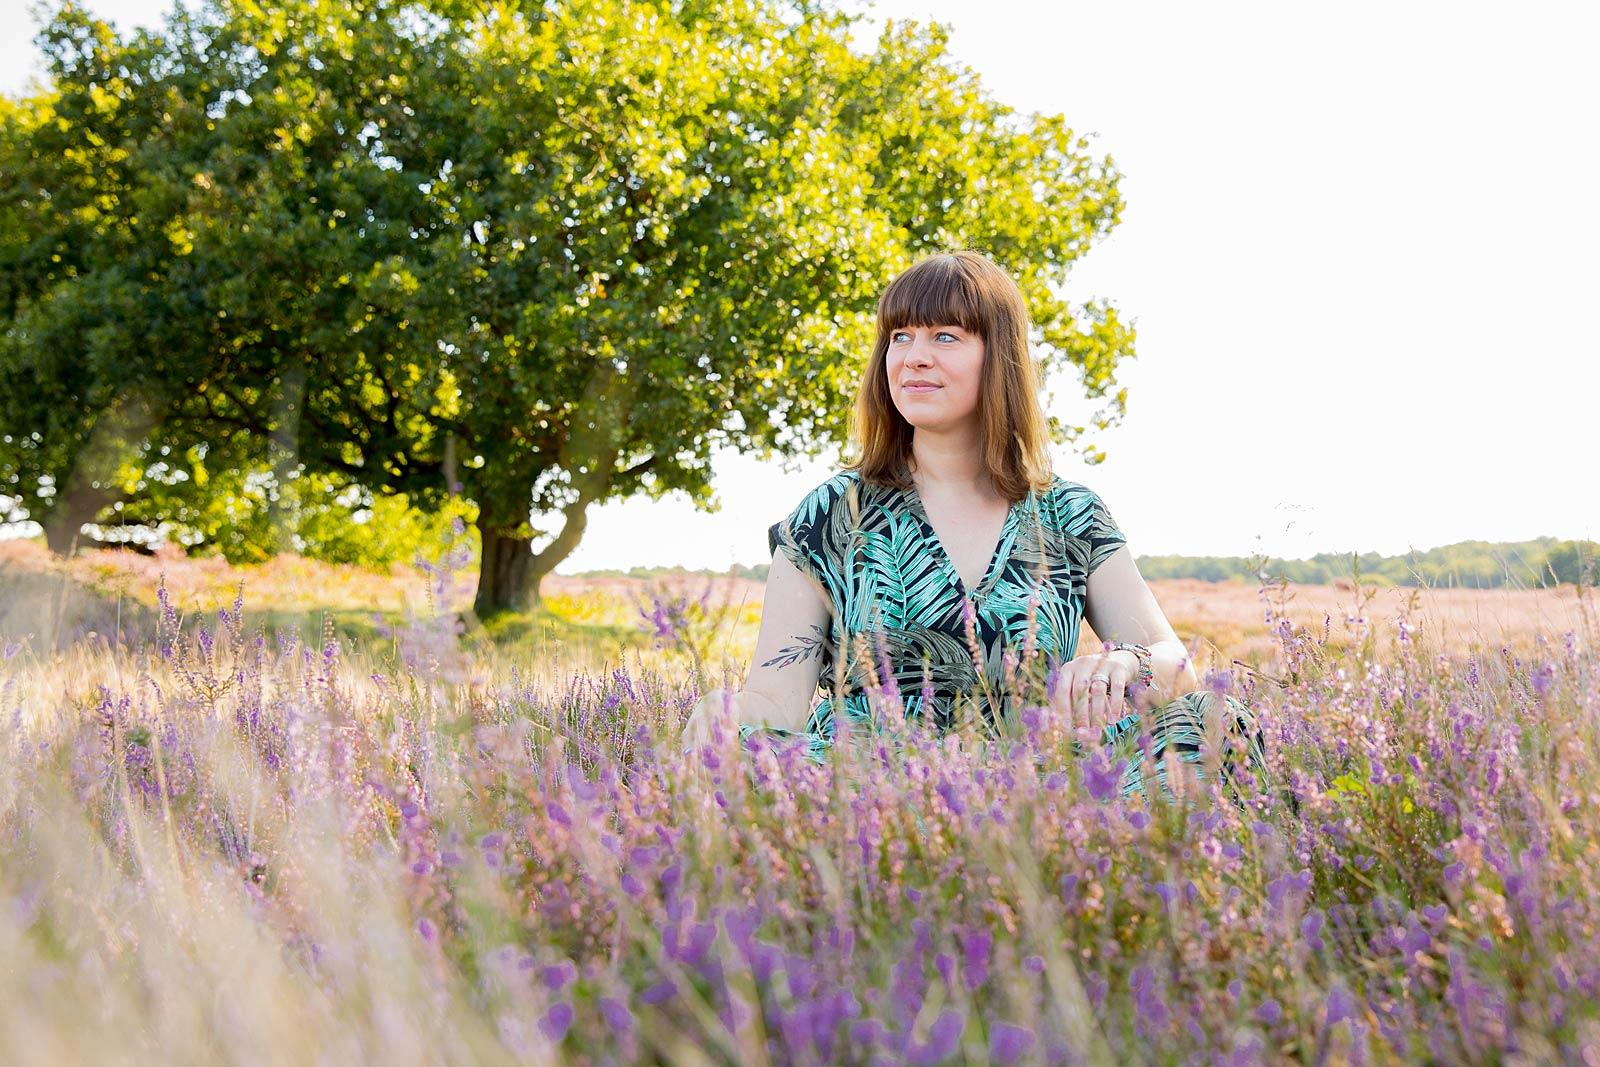 Over minder moeten en meer zelfliefde - Natasja (door LauraVL / Perfect Portret)